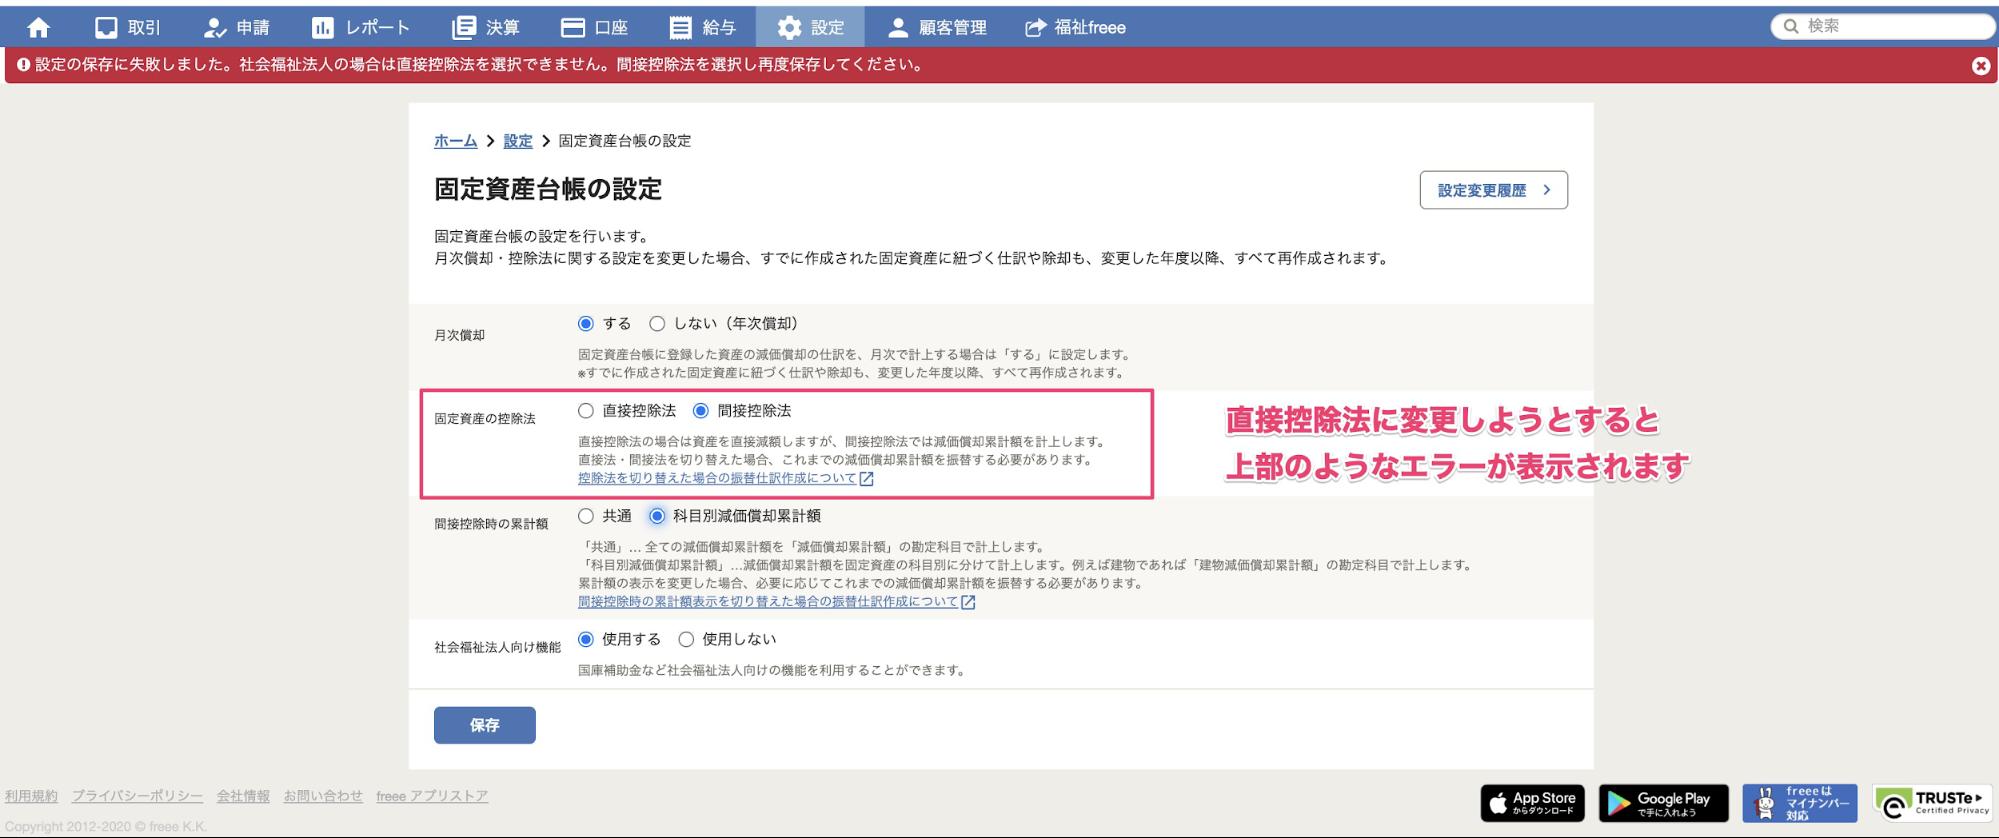 「固定資産台帳の設定」画面の「固定資産の控除法」項目を[間接控除法]に切り替えているスクリーンショット